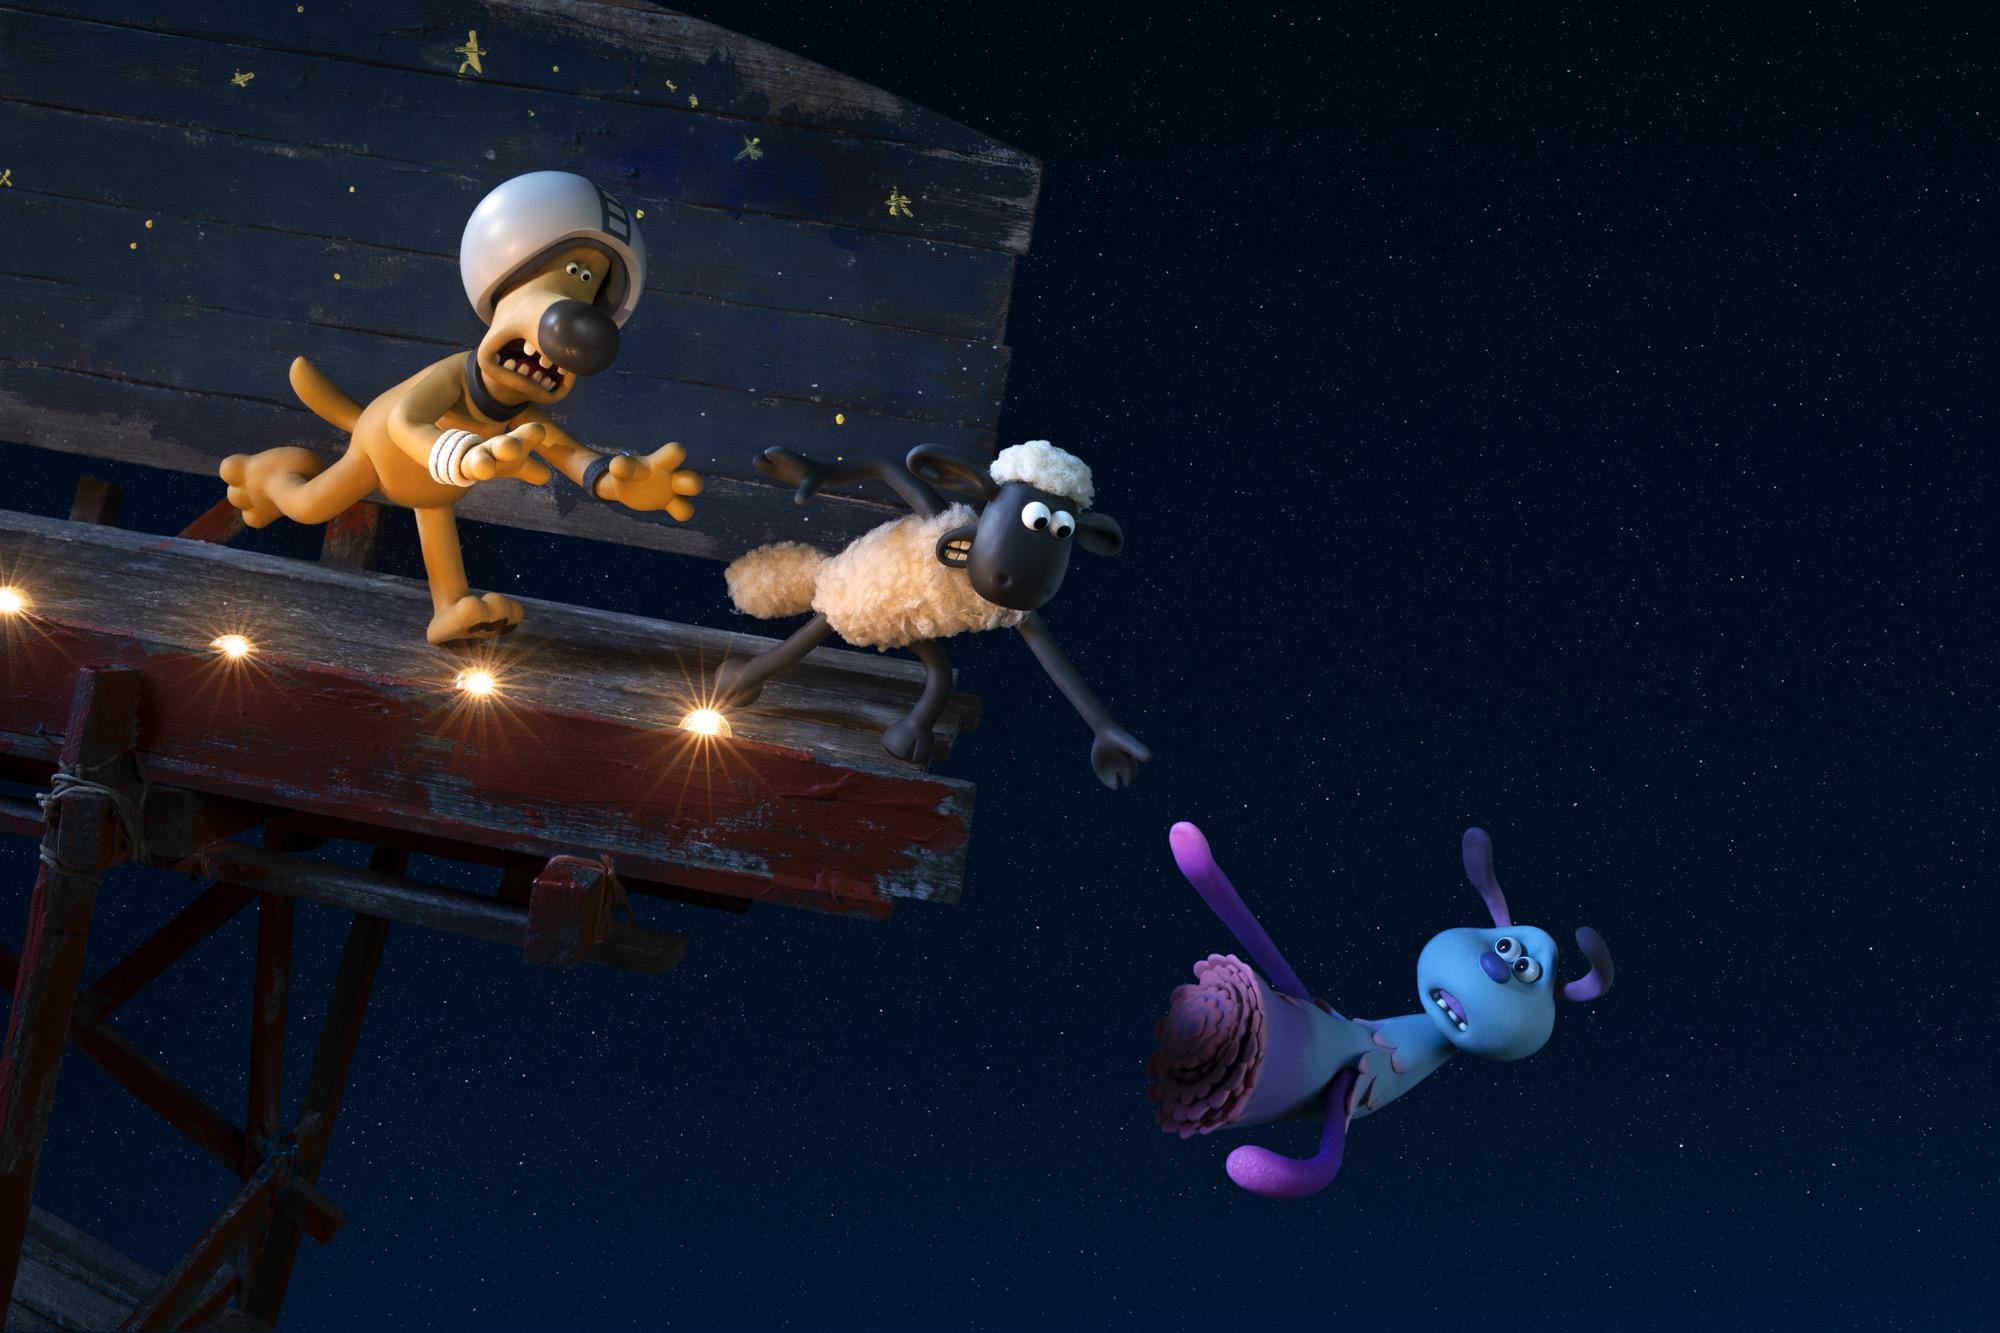 Купить билеты в кино на Барашек Шон: Фермагеддон Shaun the Sheep: Farmageddon | расписание сеансов, трейлер, обзор фильма, отзывы — ParkSeason